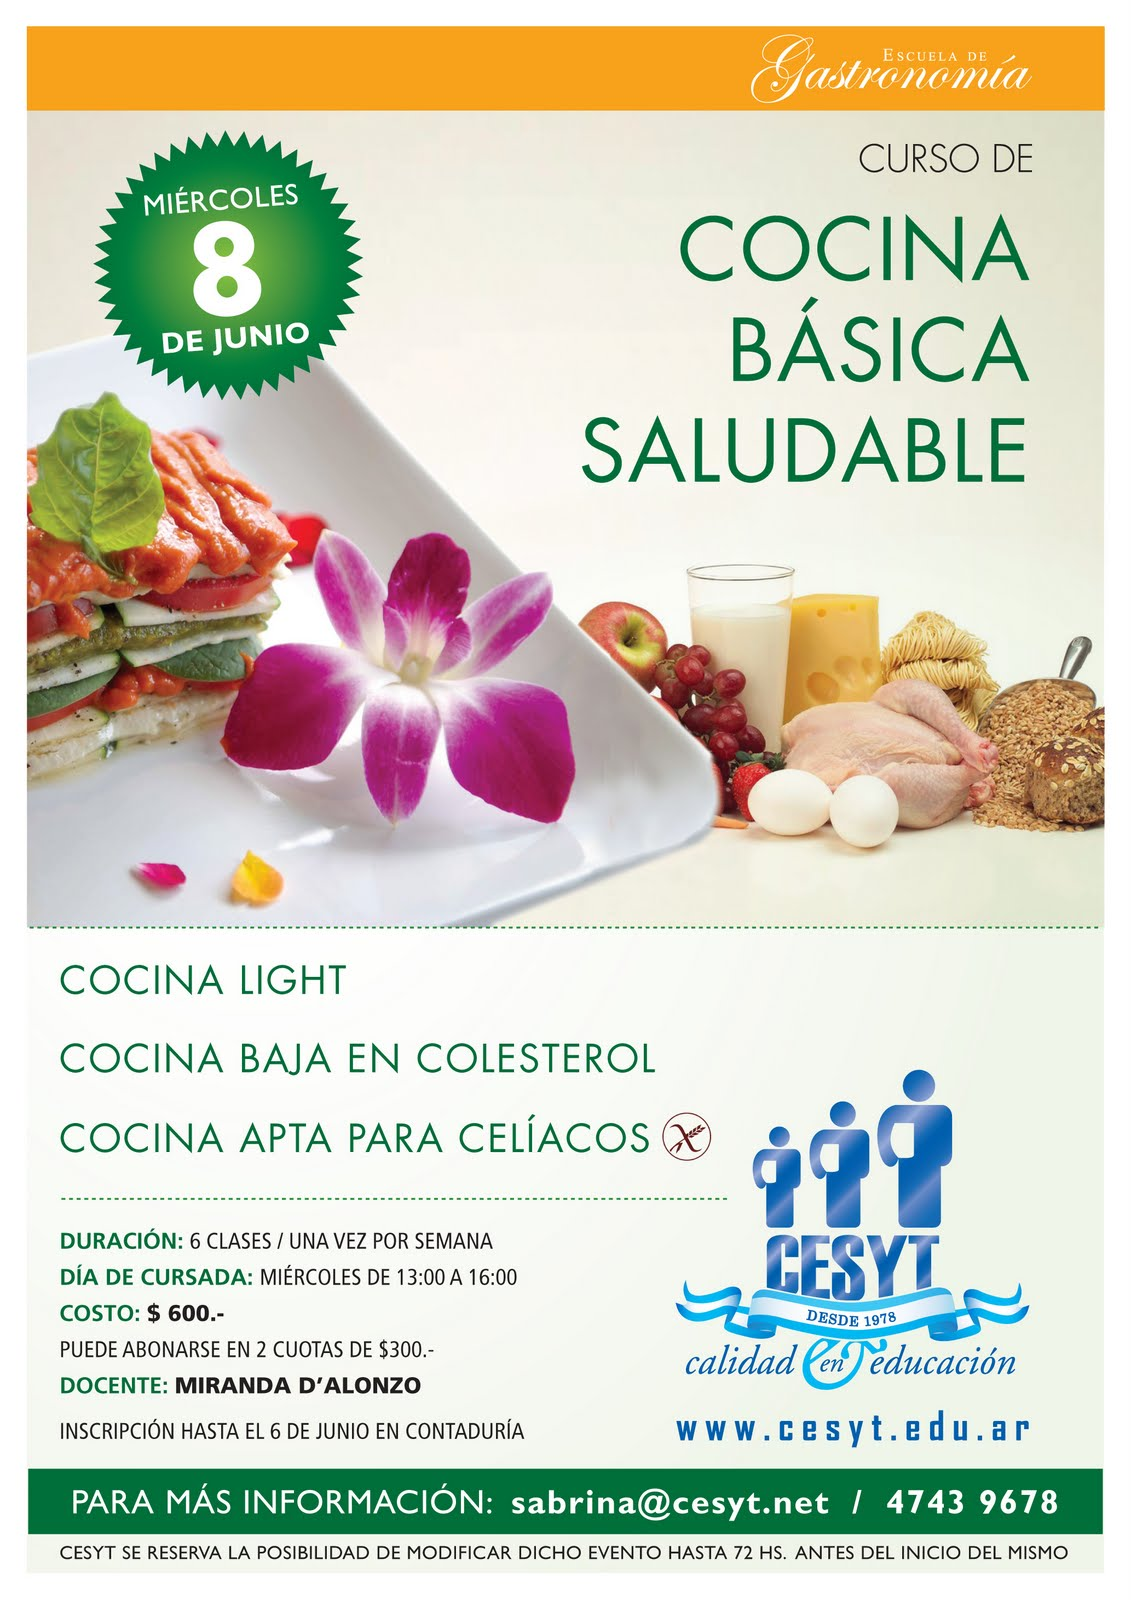 Gastronom a curso de cocina saludable for Cocina saludable